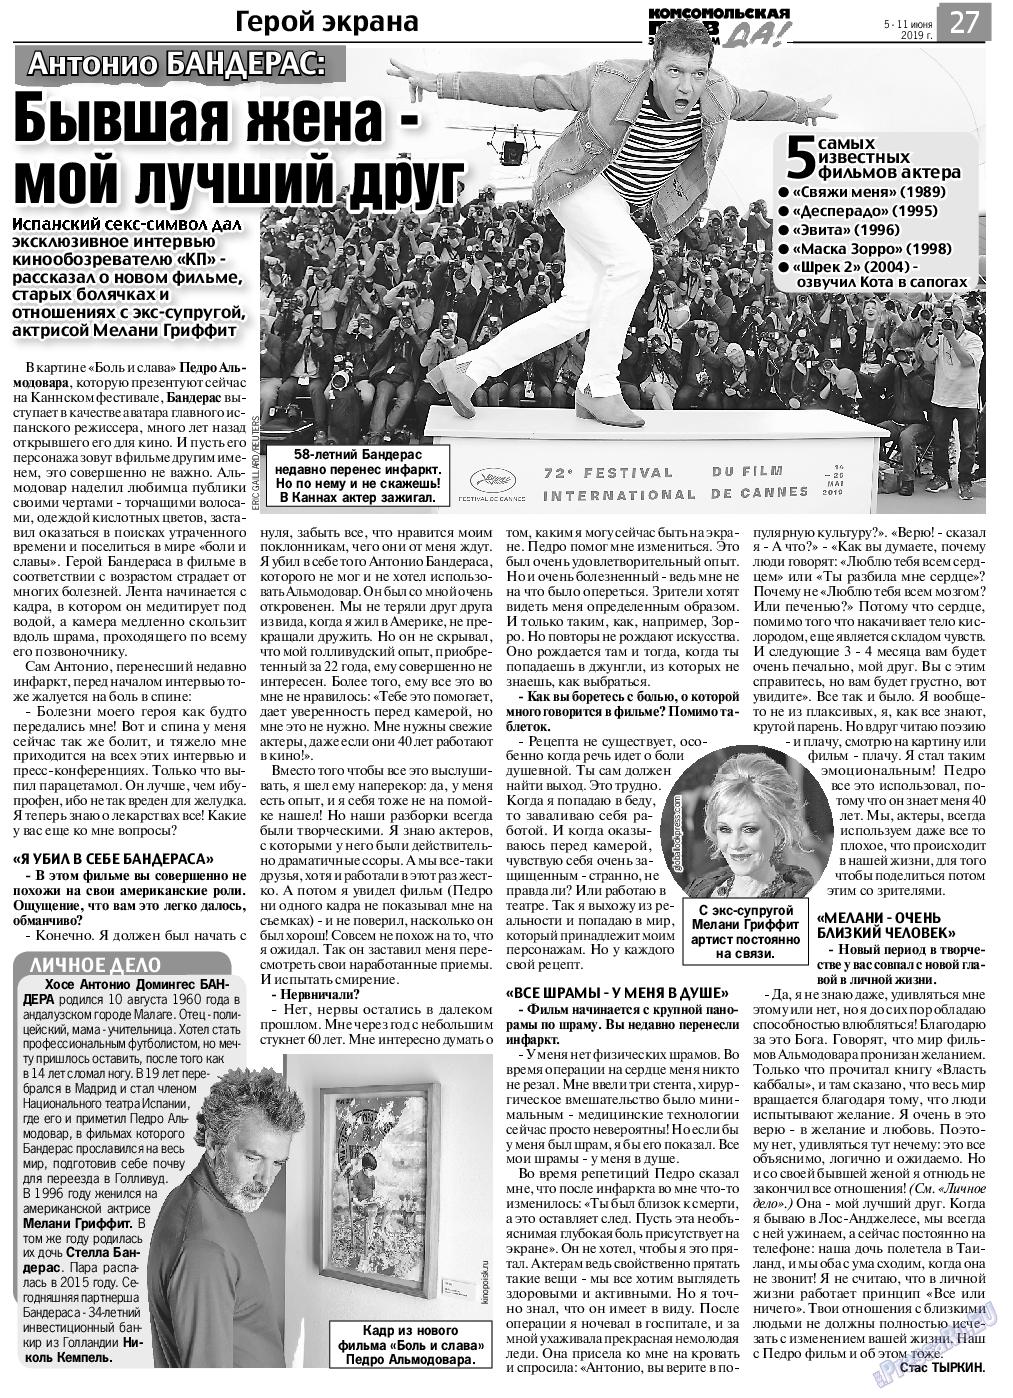 КП в Европе (газета). 2019 год, номер 23, стр. 27